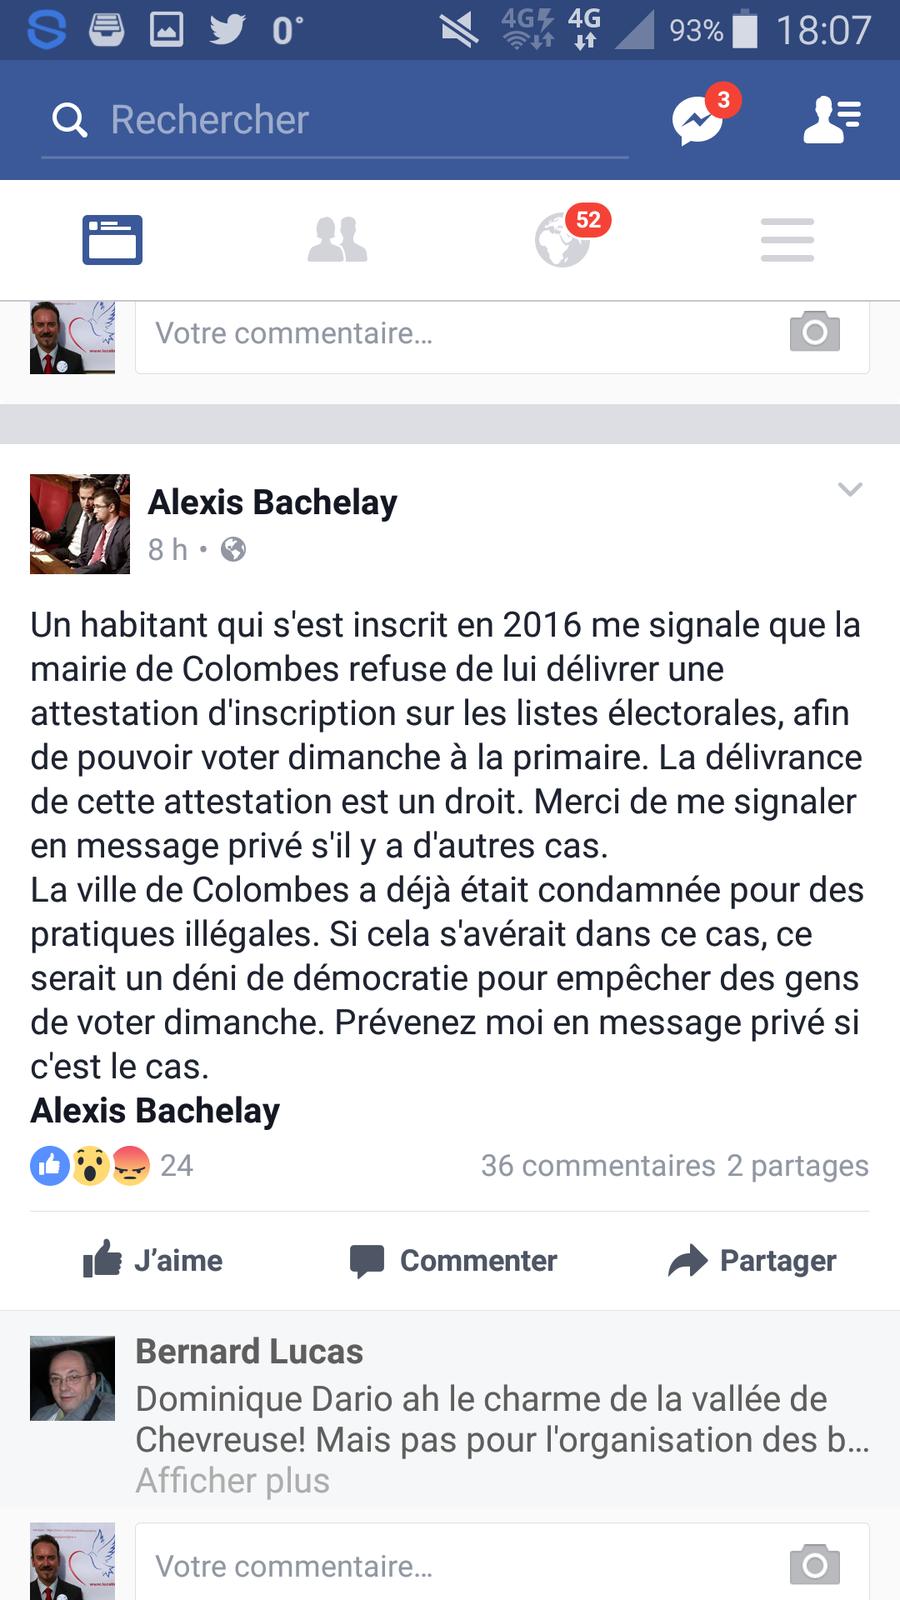 La Mairie (LR) de Colombes bloquerait-elle les demandes des citoyens pour obtenir une attestation d'inscription sur les listes électorales ?